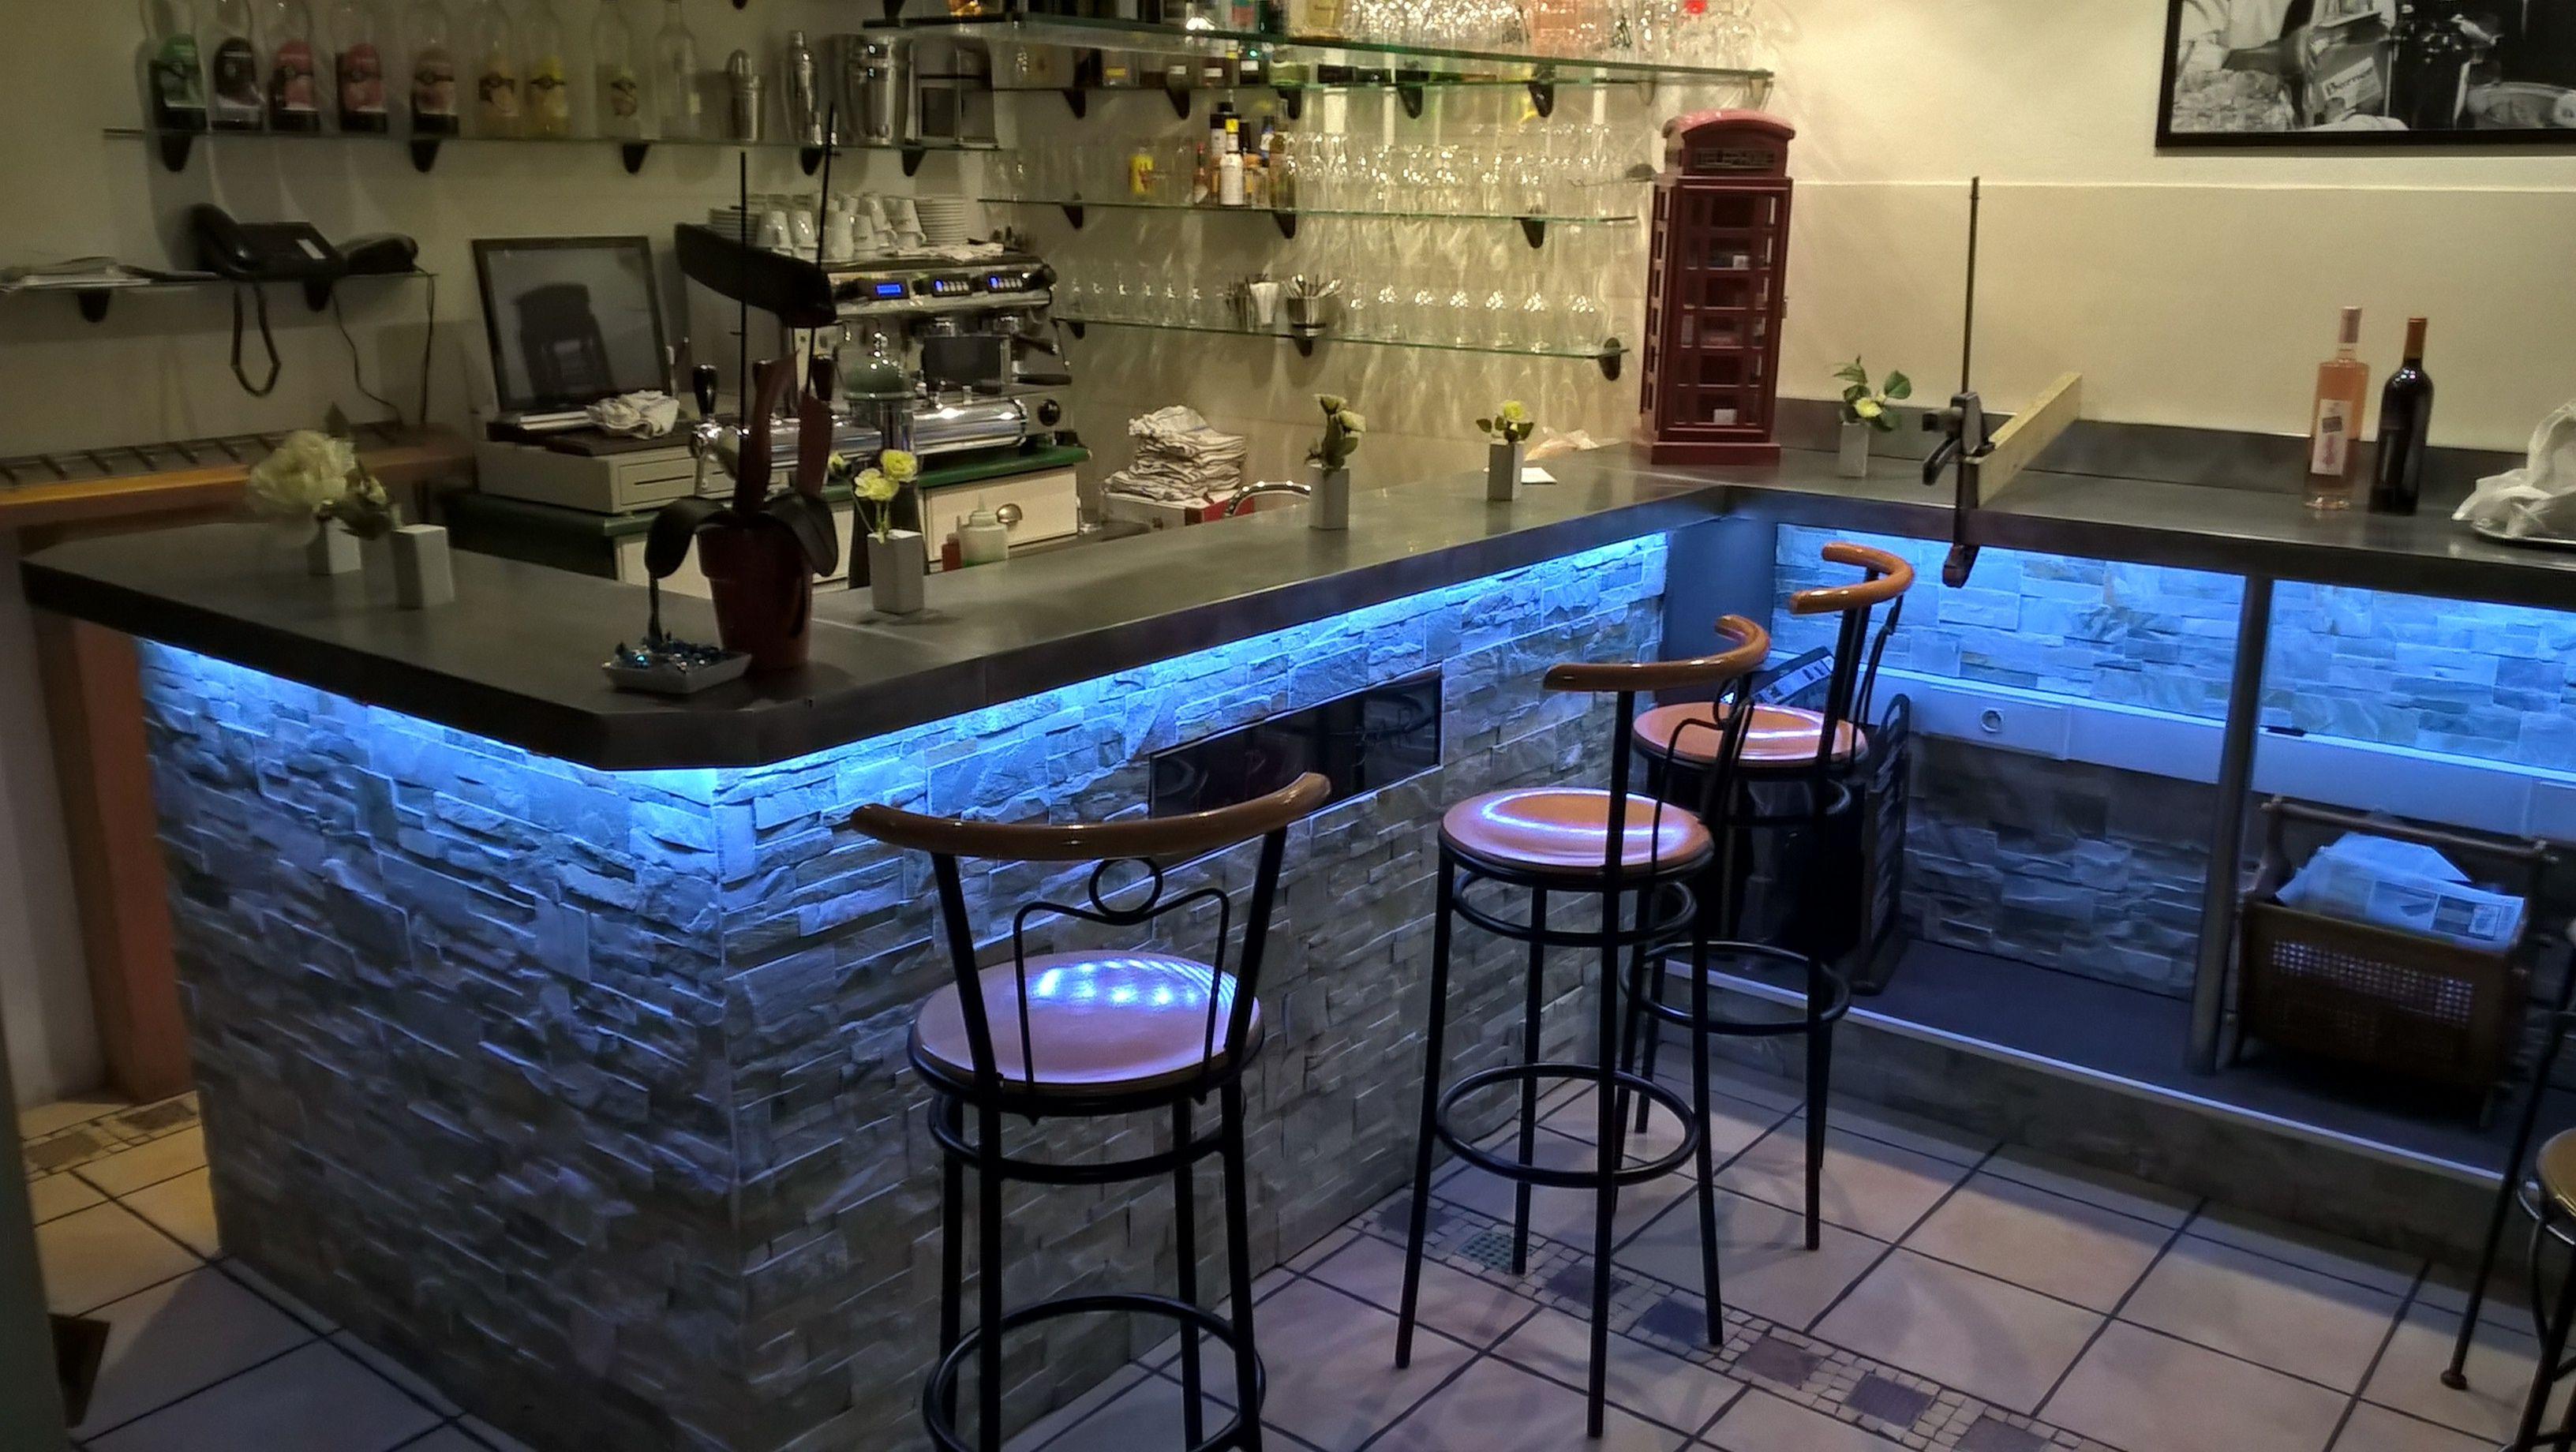 Le Remplacement De L Ancienne Piste Presque Termine Piste De Danse Bar Et Restaurant